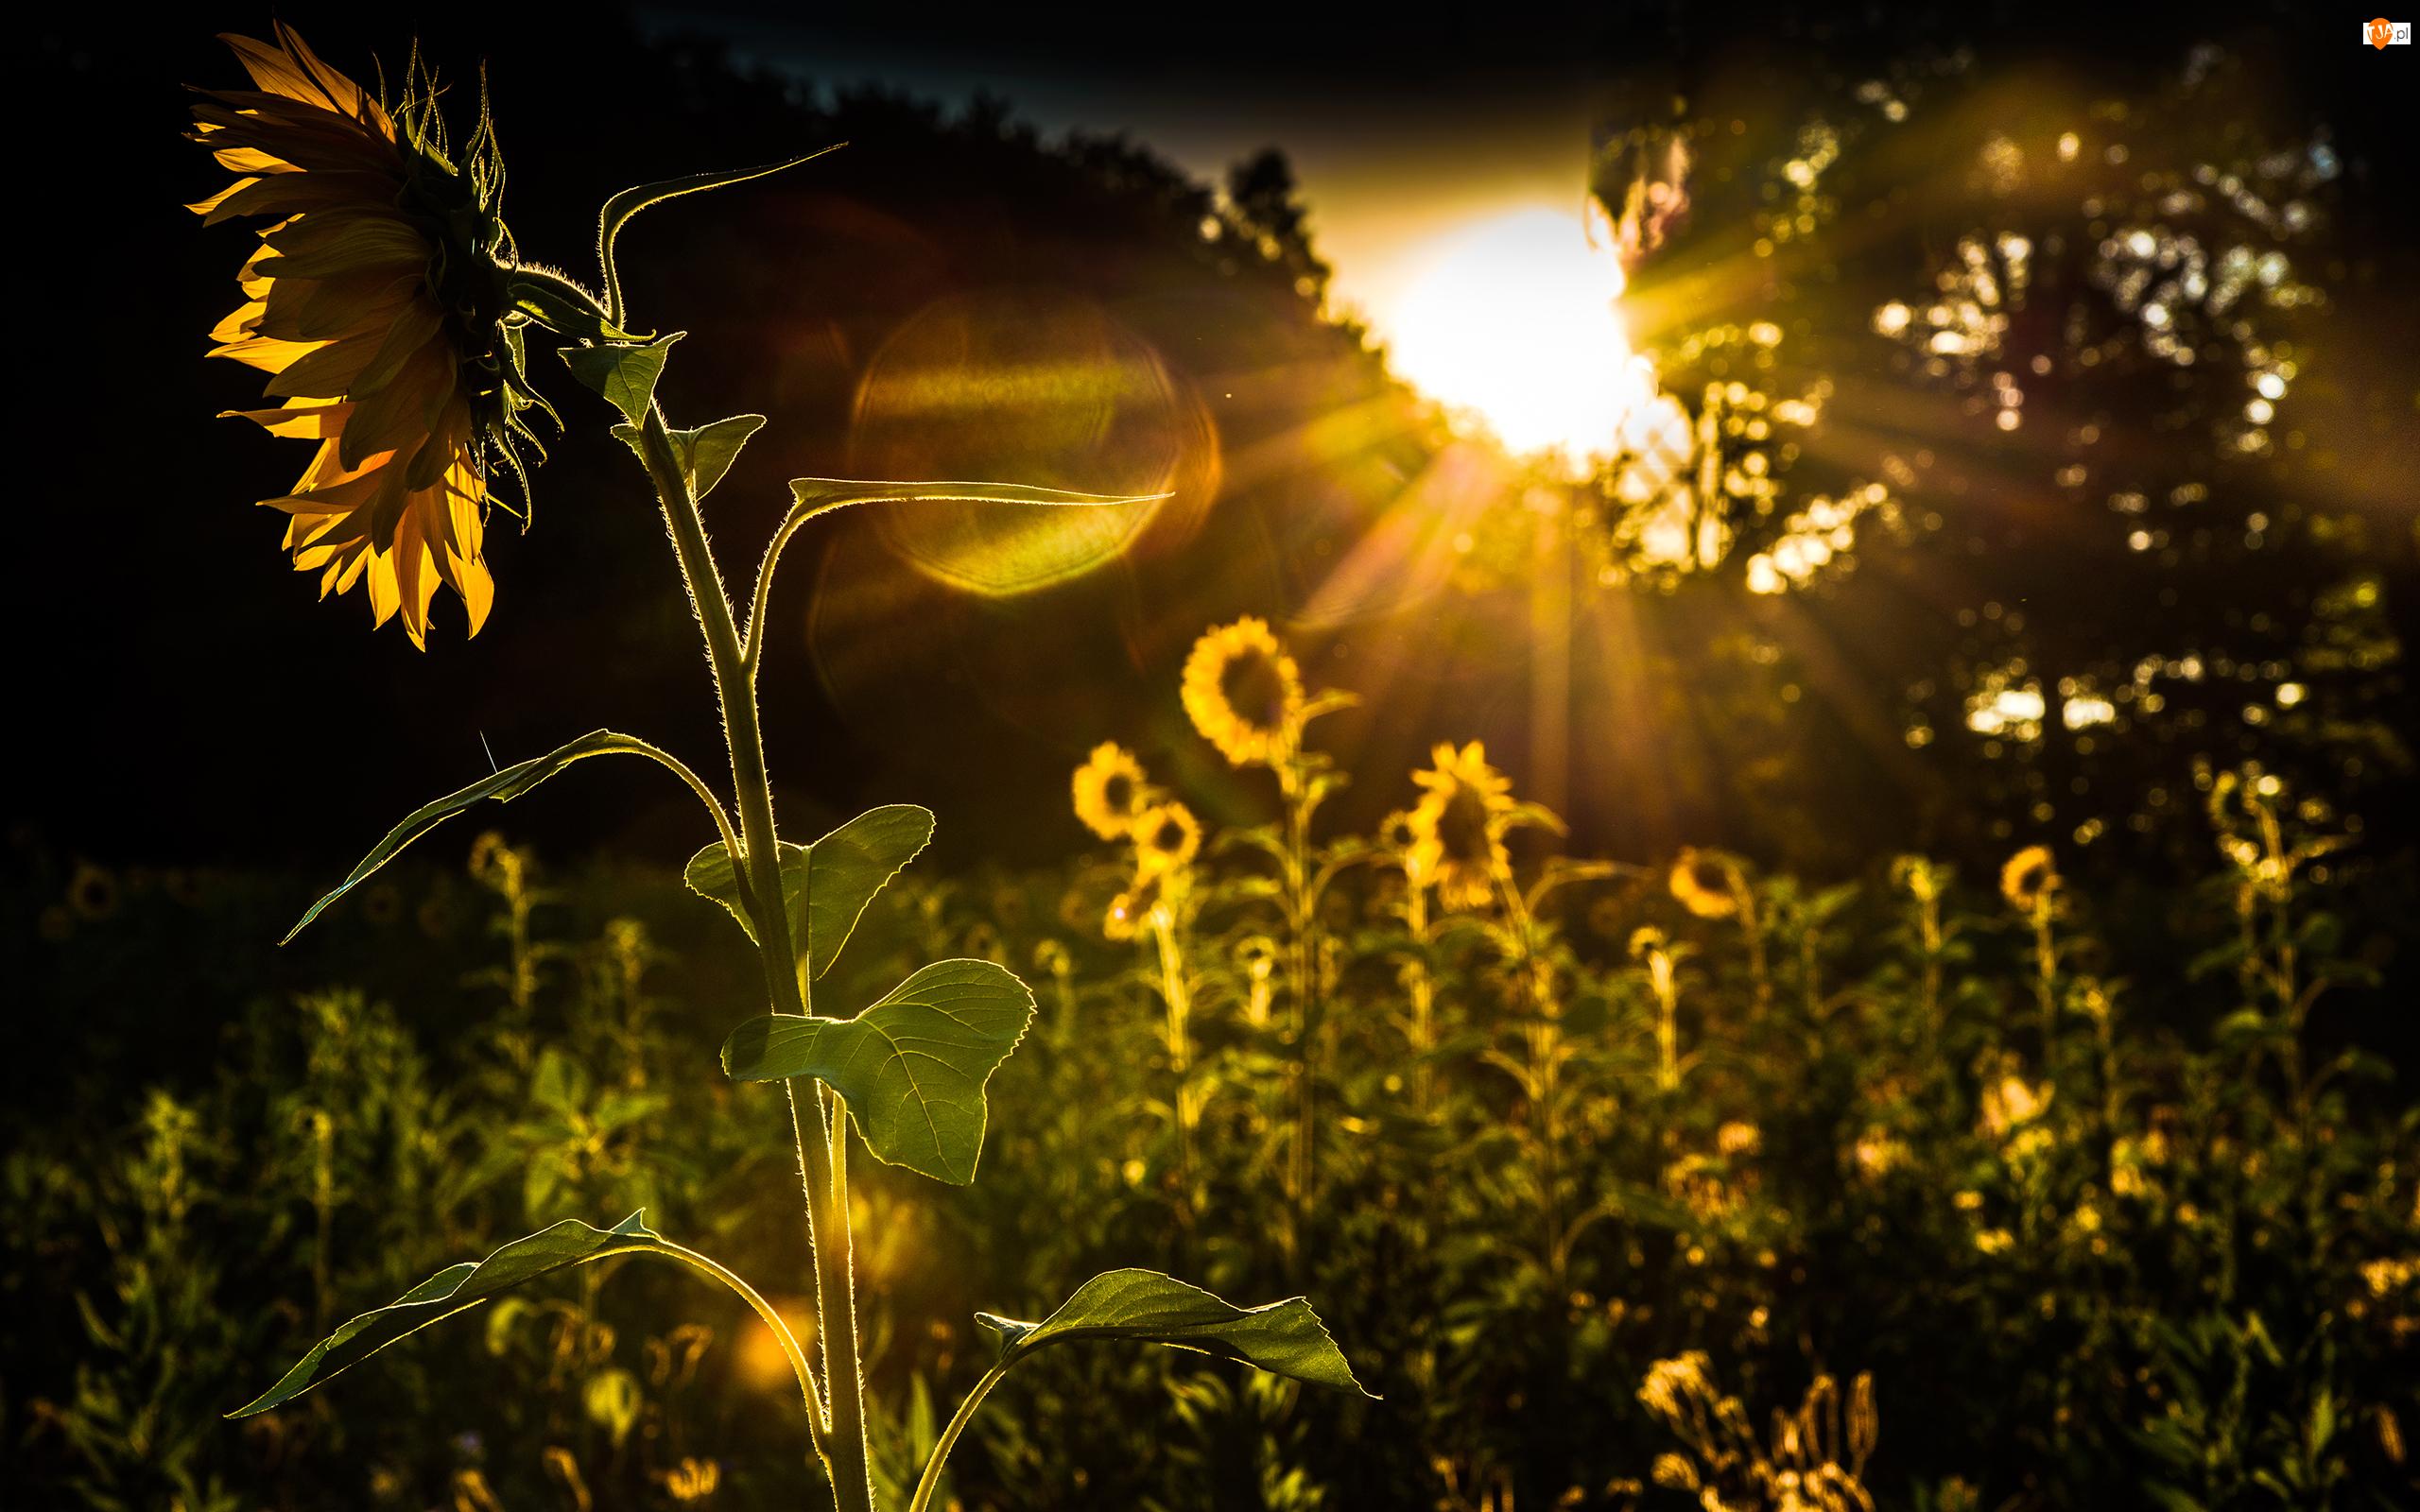 Kwiaty, Słońca, Słonecznik, Promienie